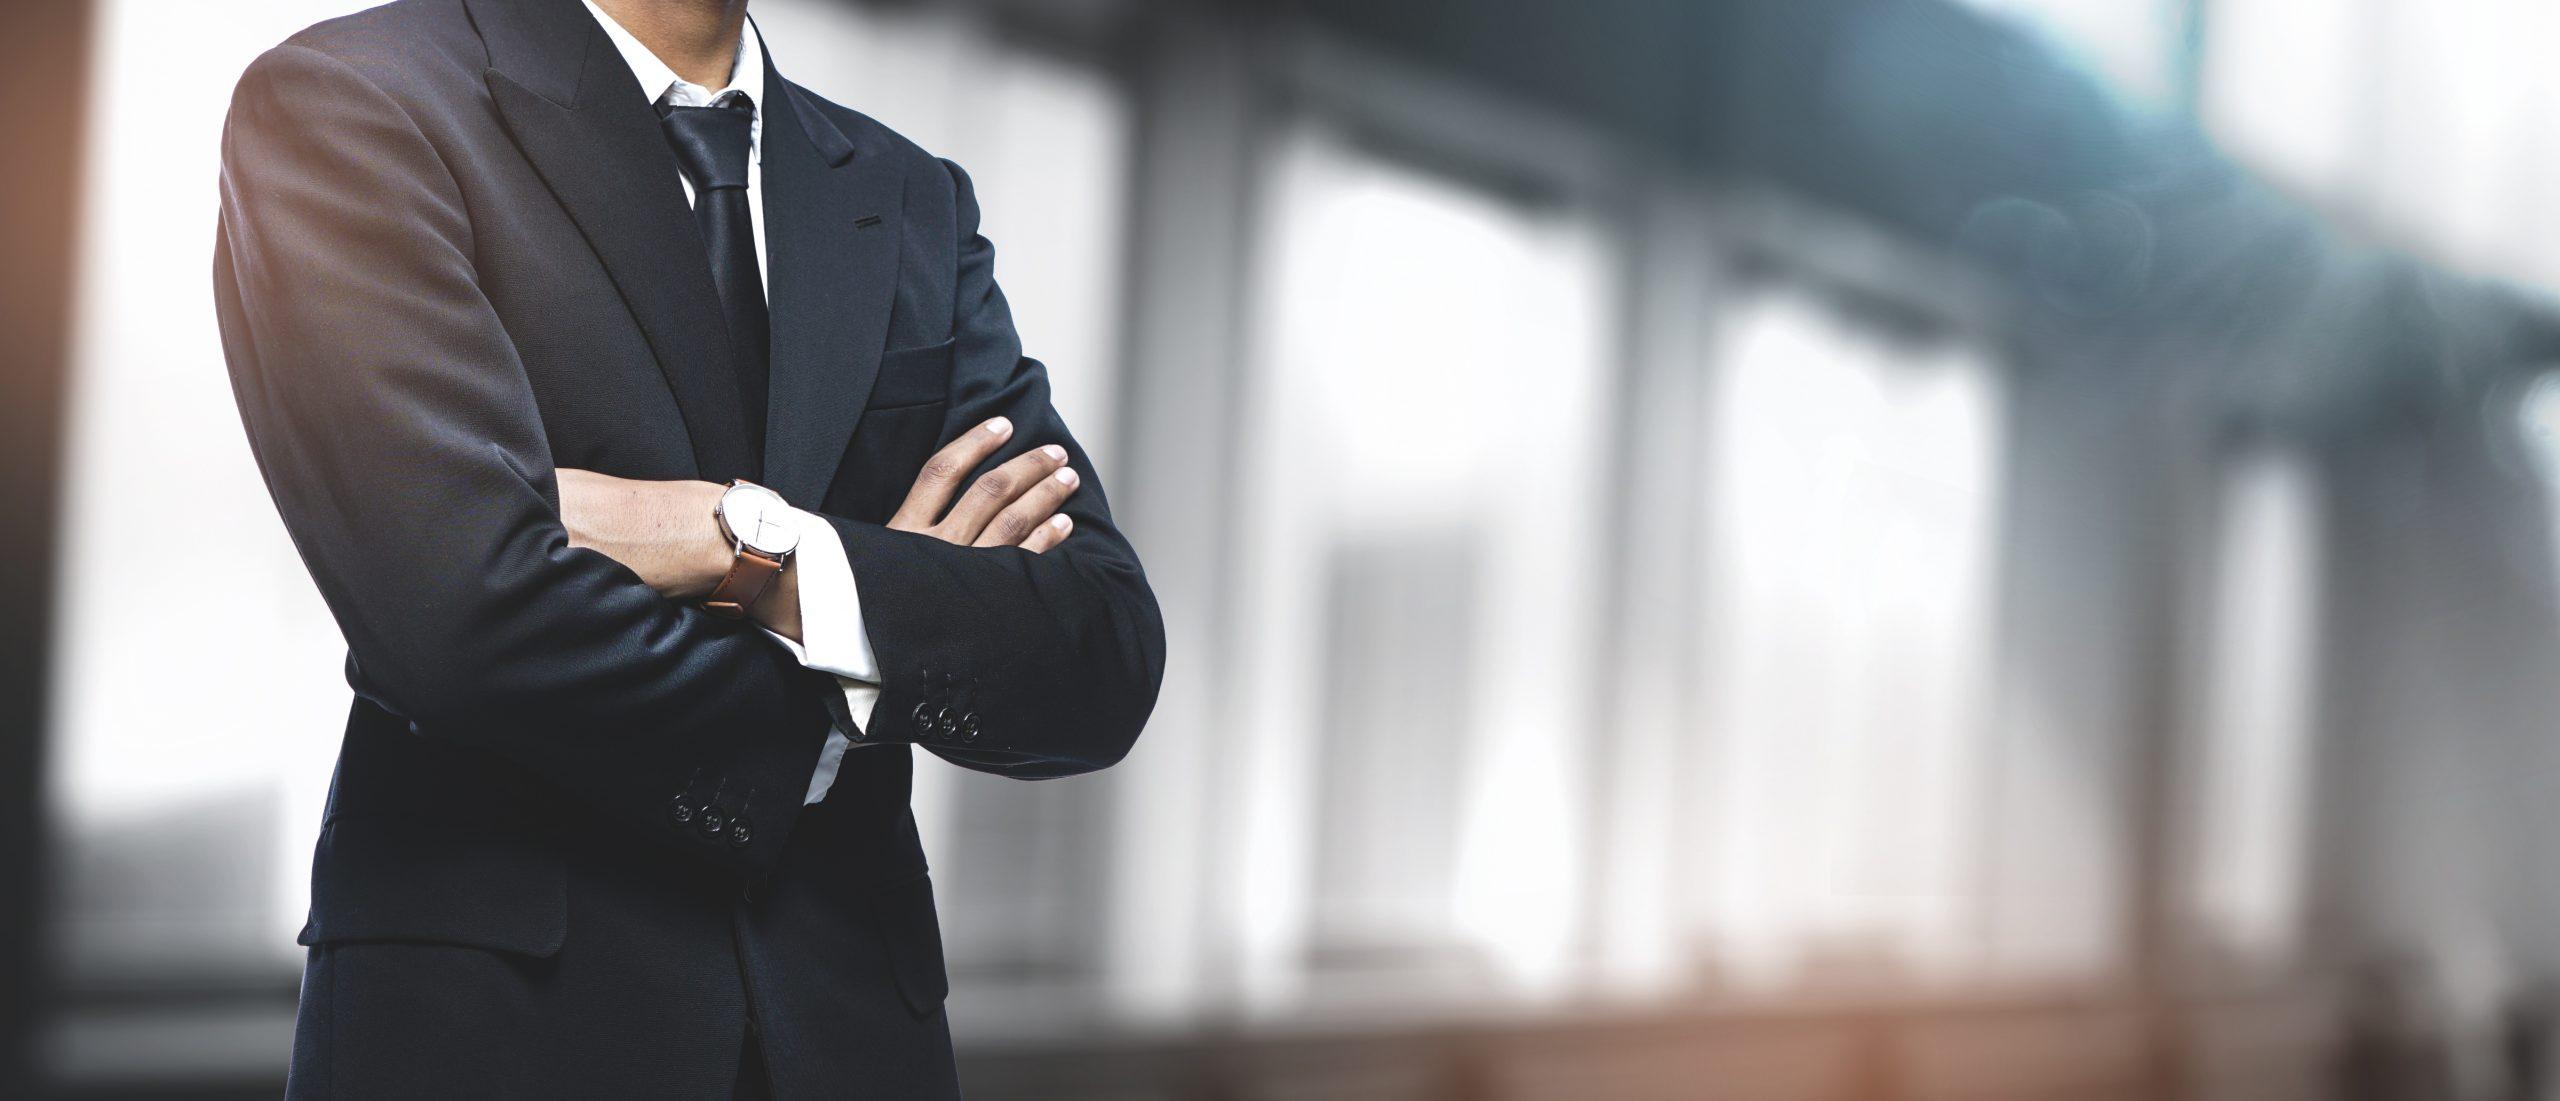 Career in venture capital: वेंचर कैपिटल में करियर, नौकरियां और कोर्स